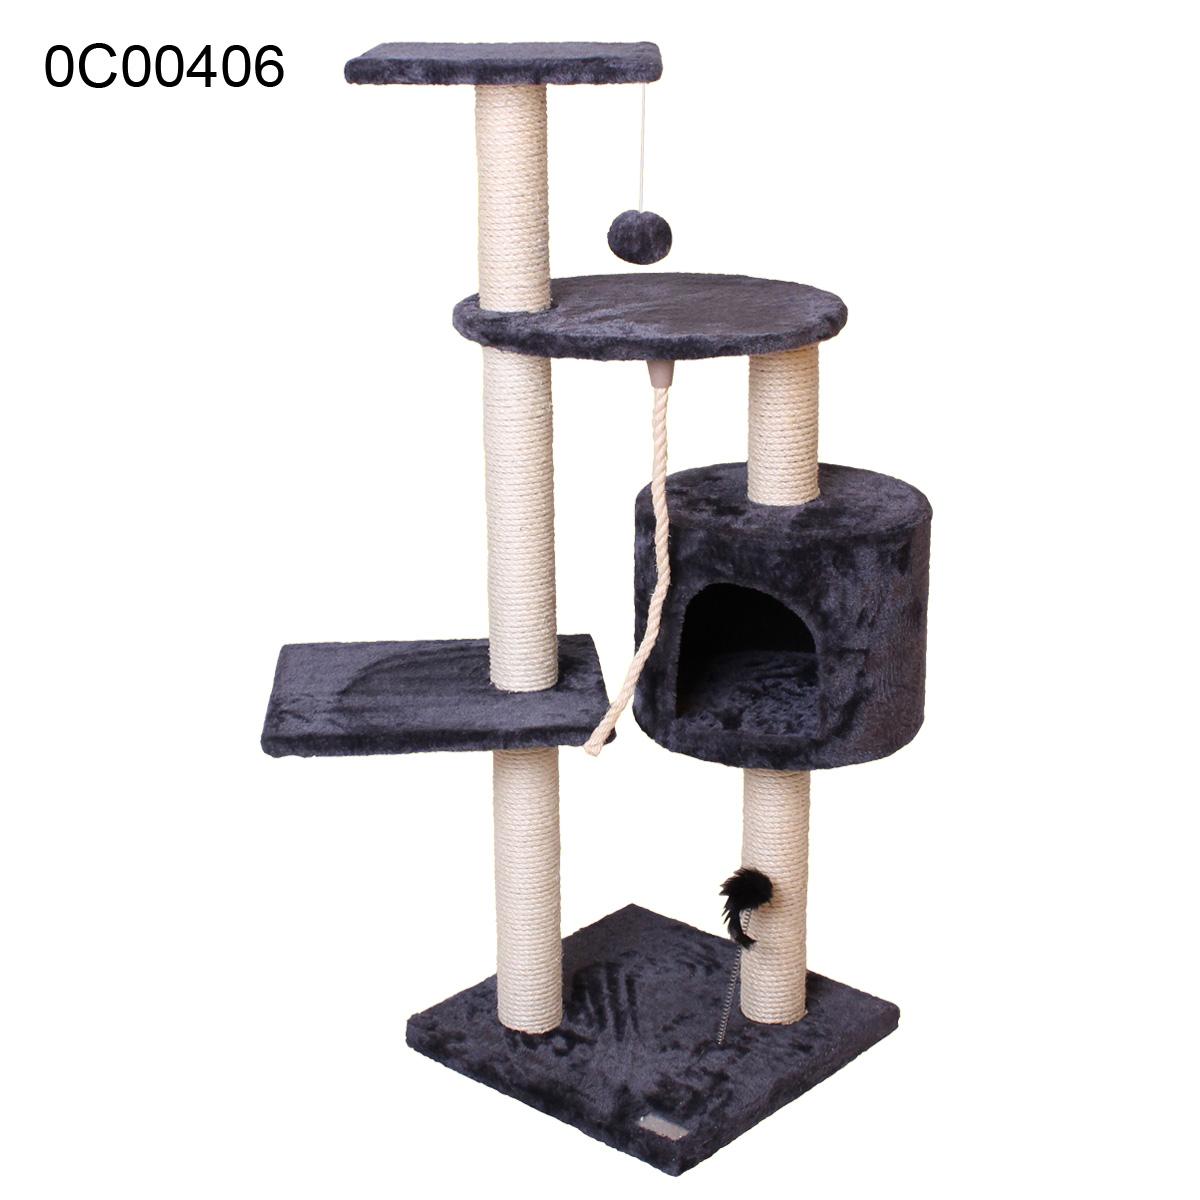 kratzbaum kletterbaum katzen sisal katzenbaum kletterbaum ebay. Black Bedroom Furniture Sets. Home Design Ideas